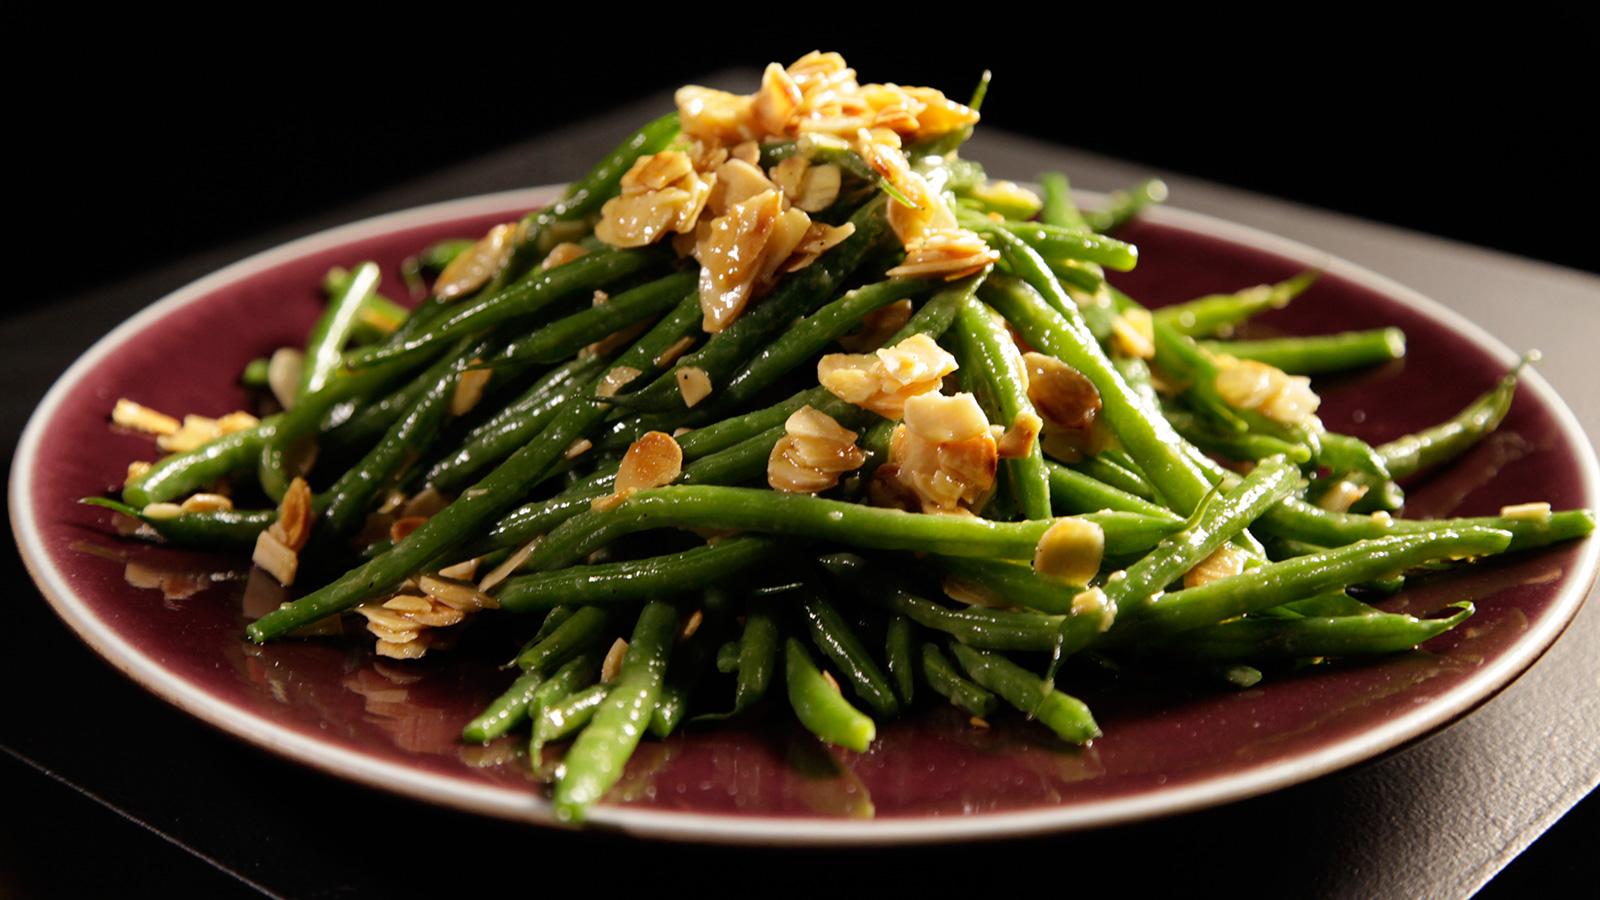 Ensalada de jud as verdes ali ada con mostaza green bean salad with mustand dressing gordon - Tiempo coccion judias verdes ...